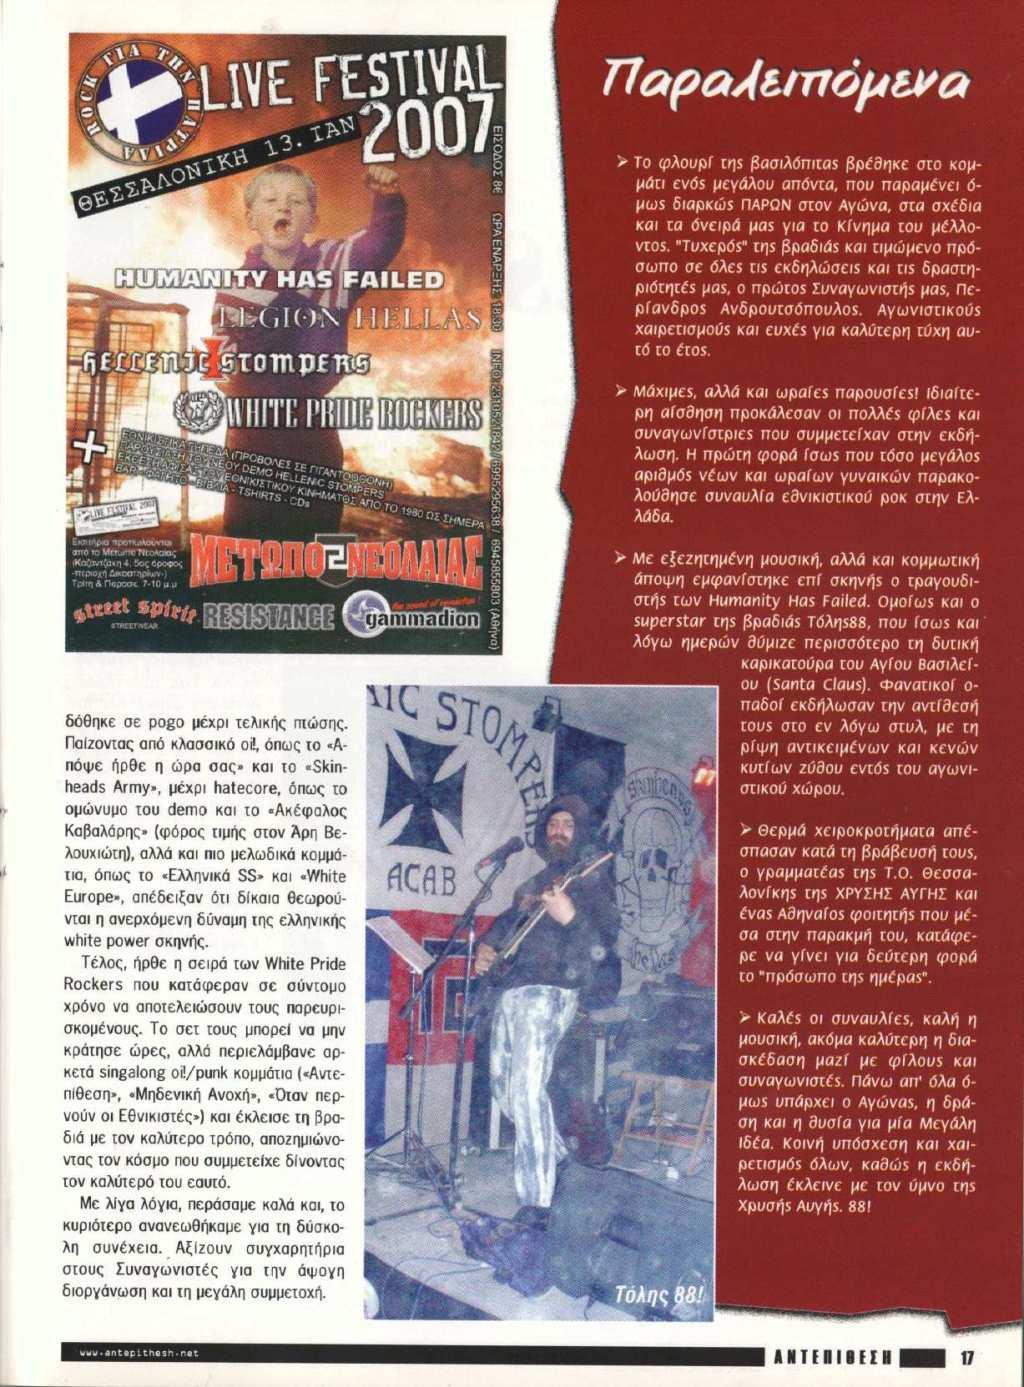 Rock Για την πατρίδα, Θεσσαλονίκη, 13/01/2007